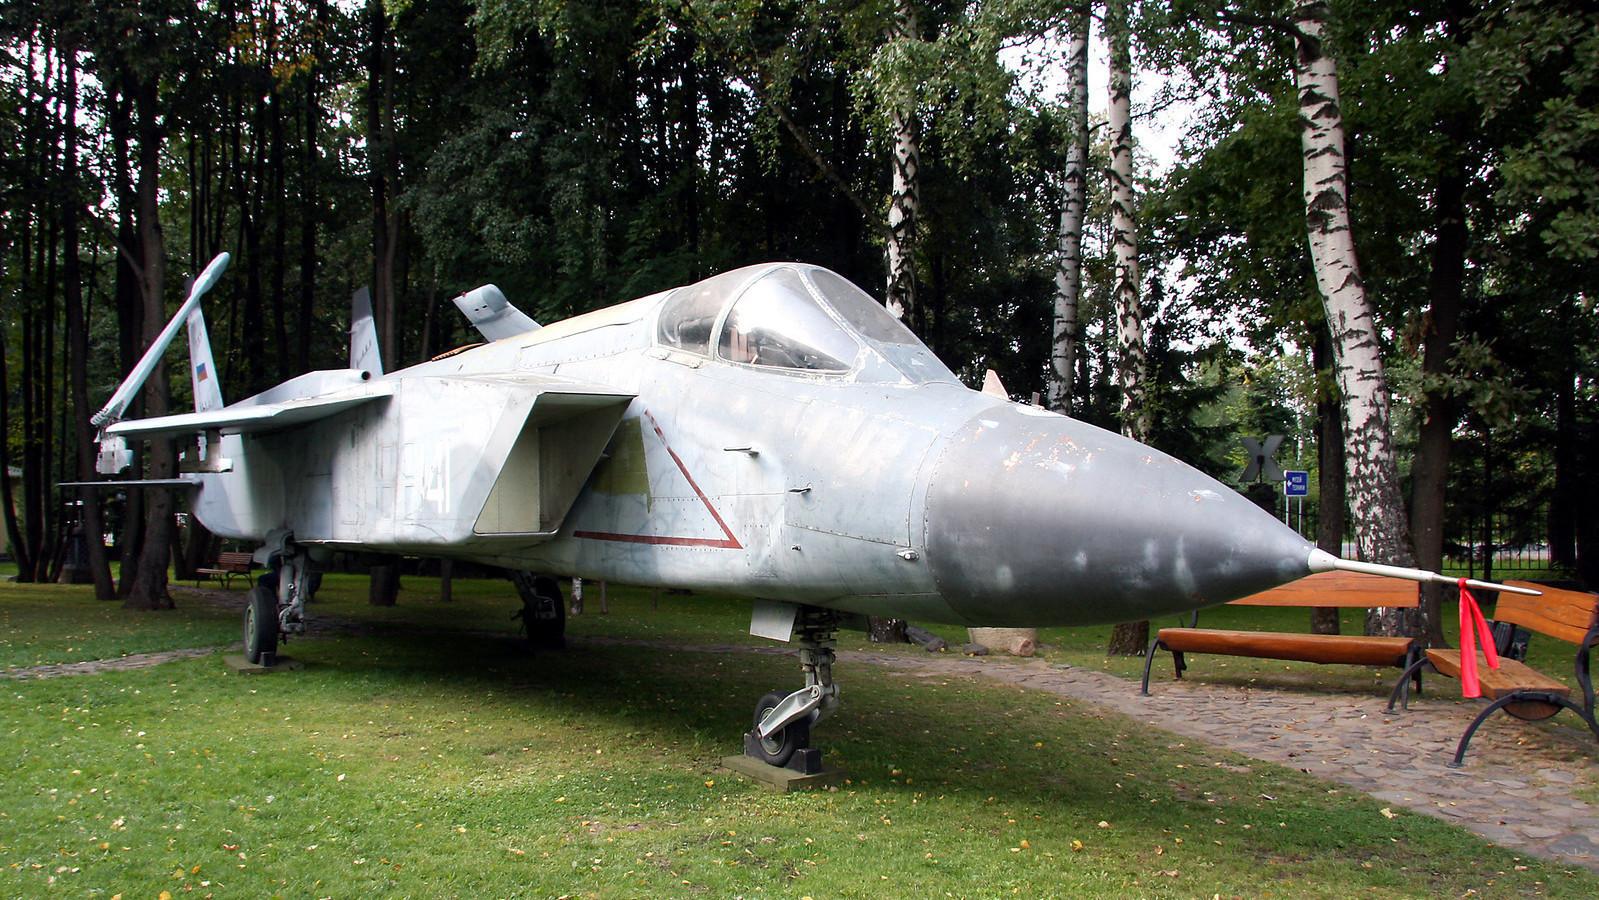 Јак-141 во музејот на Вадим Задорожни